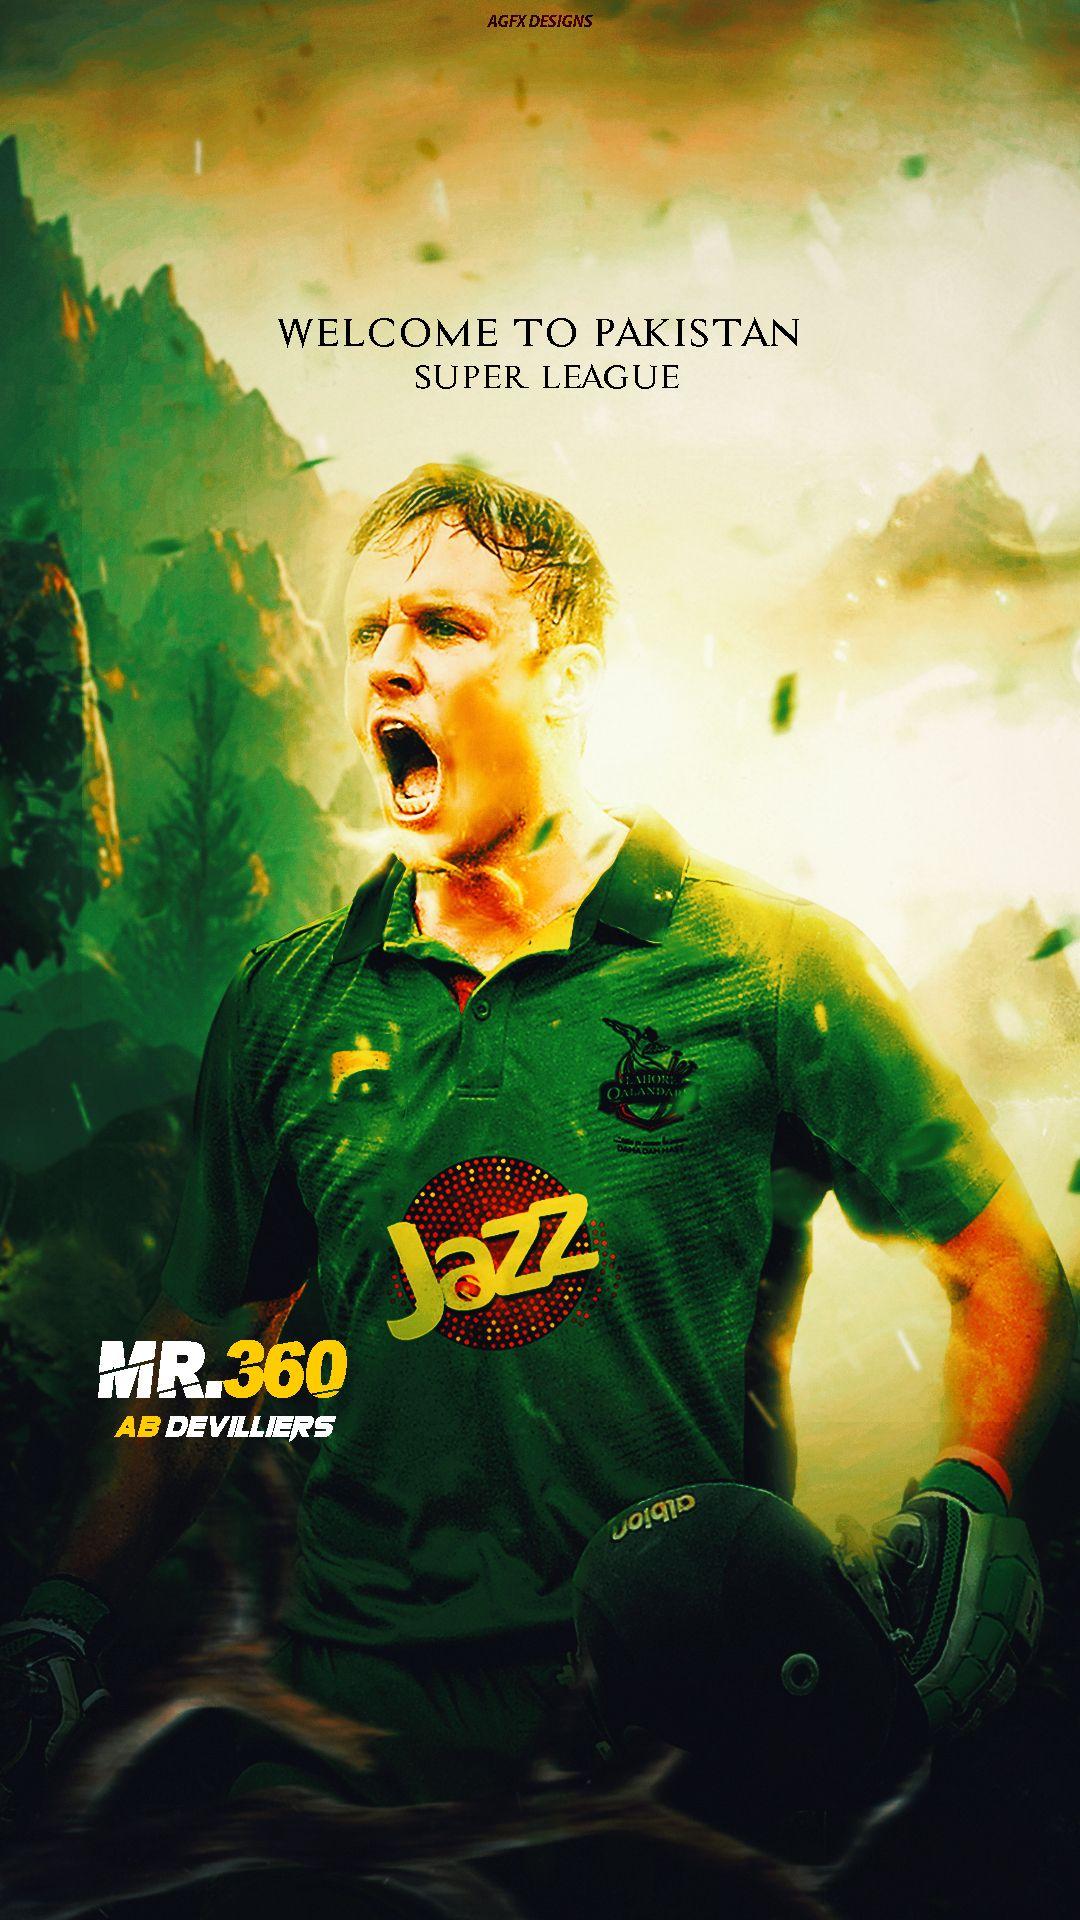 Ab De Villiers Pakistan Super League Ab Mr360 Devilliers